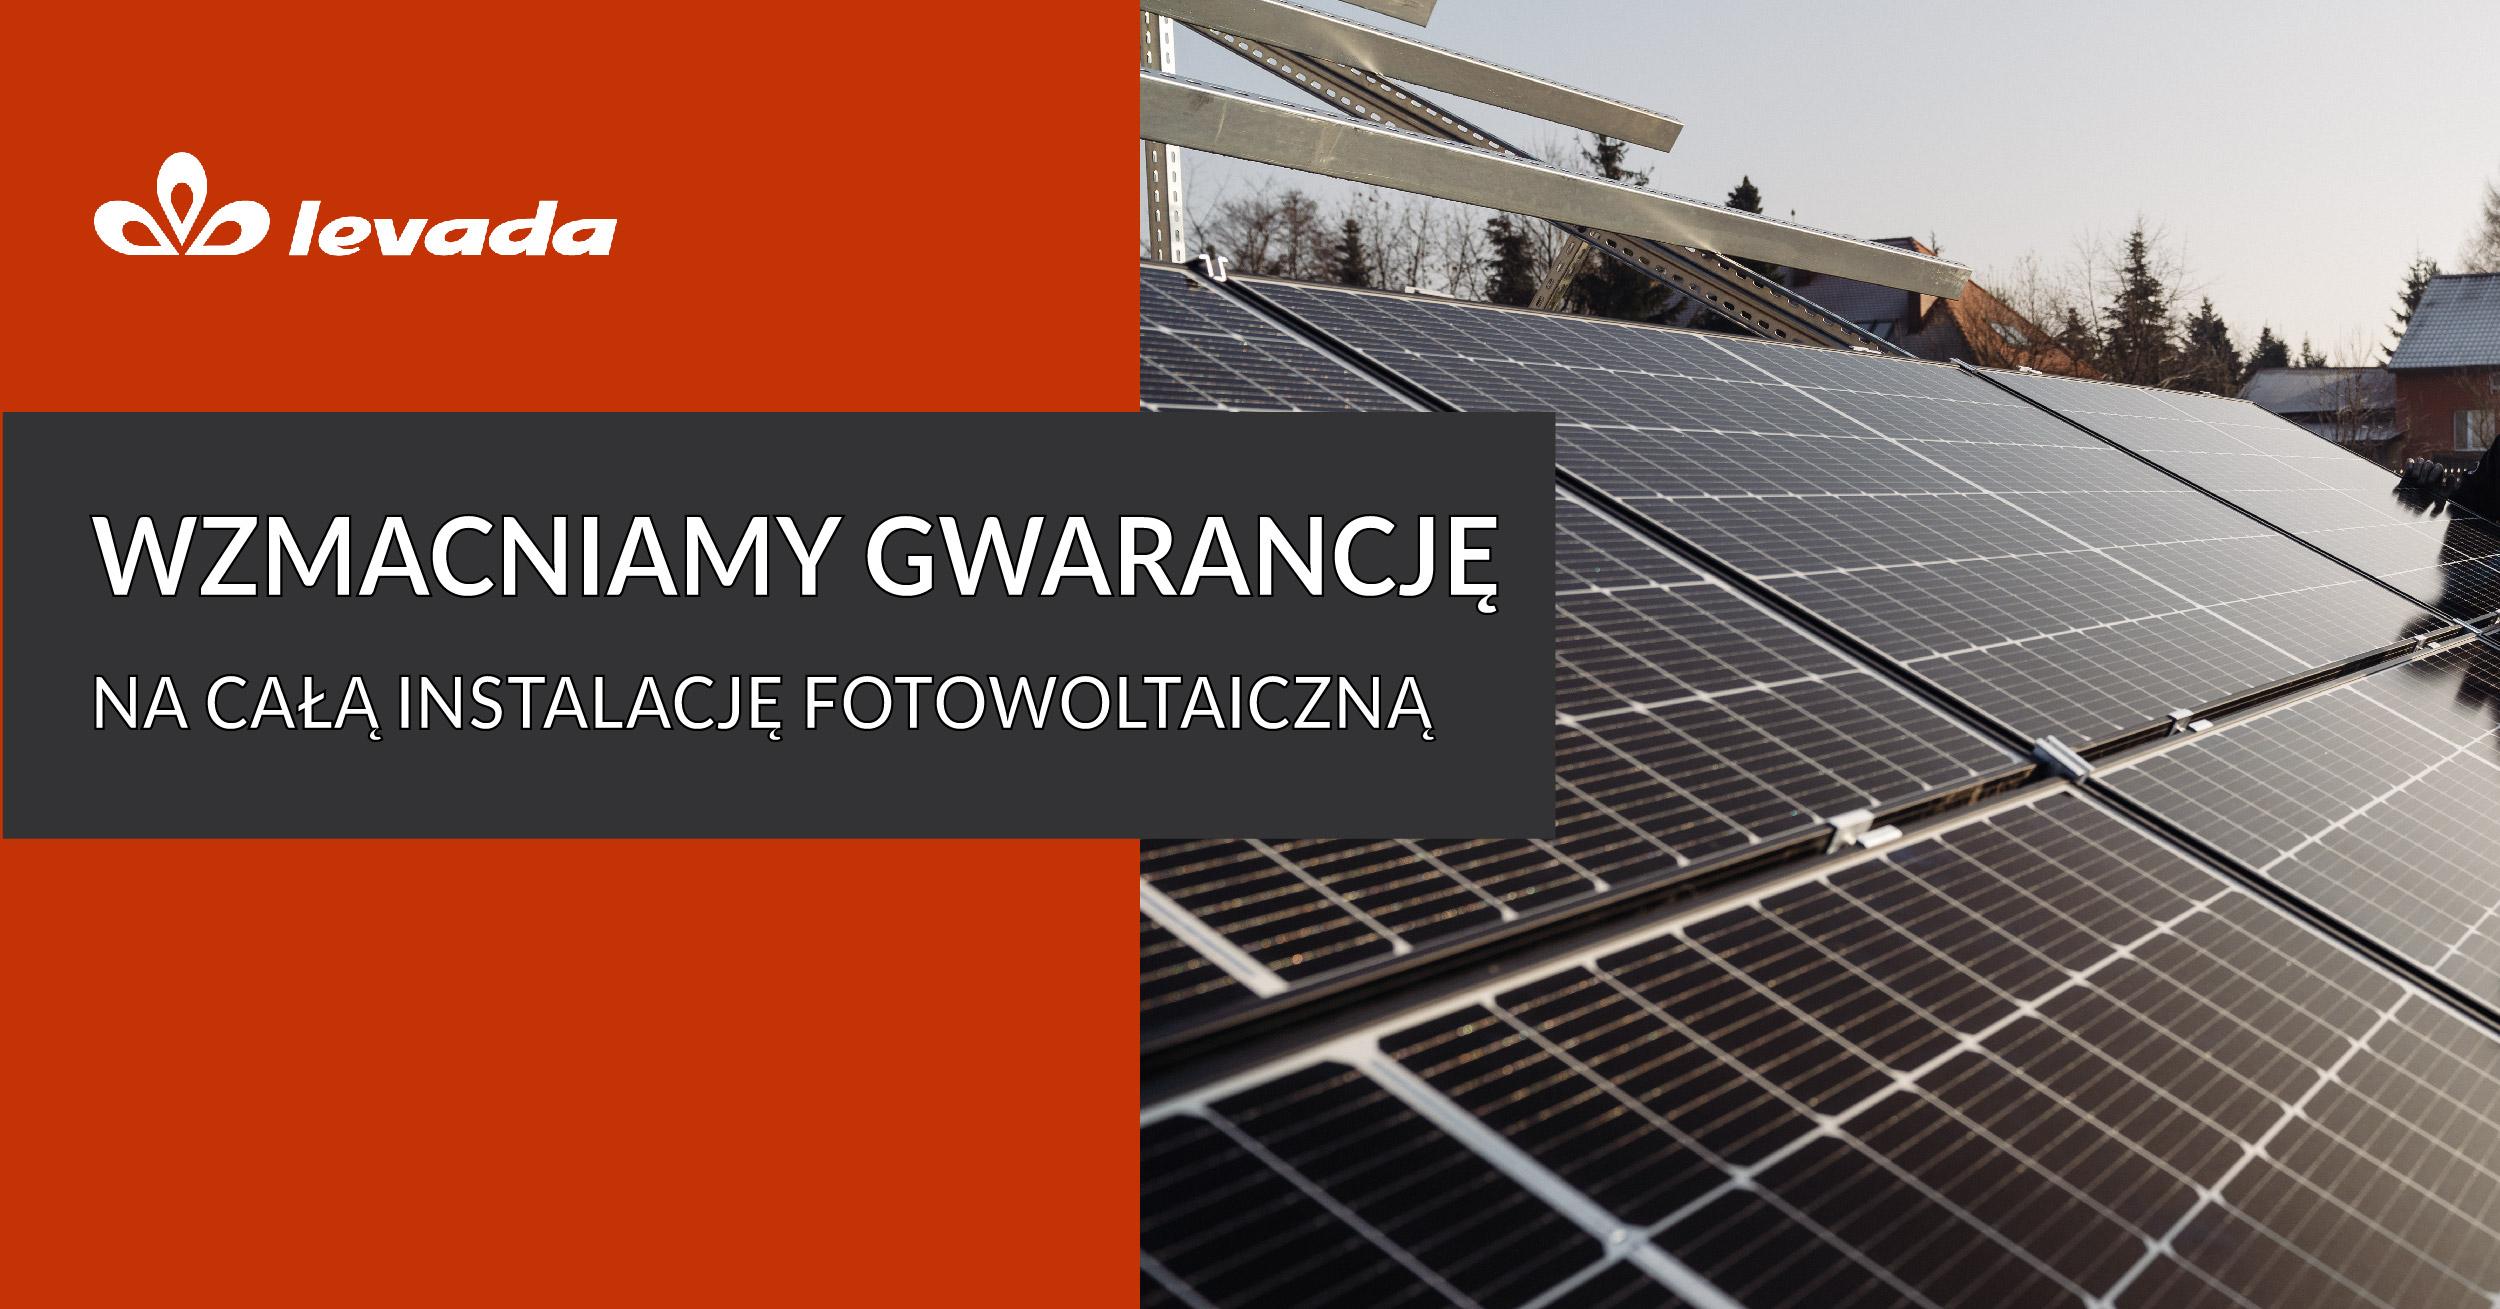 Wzmacniamy podstawową gwarancję na instalację fotowoltaiczną